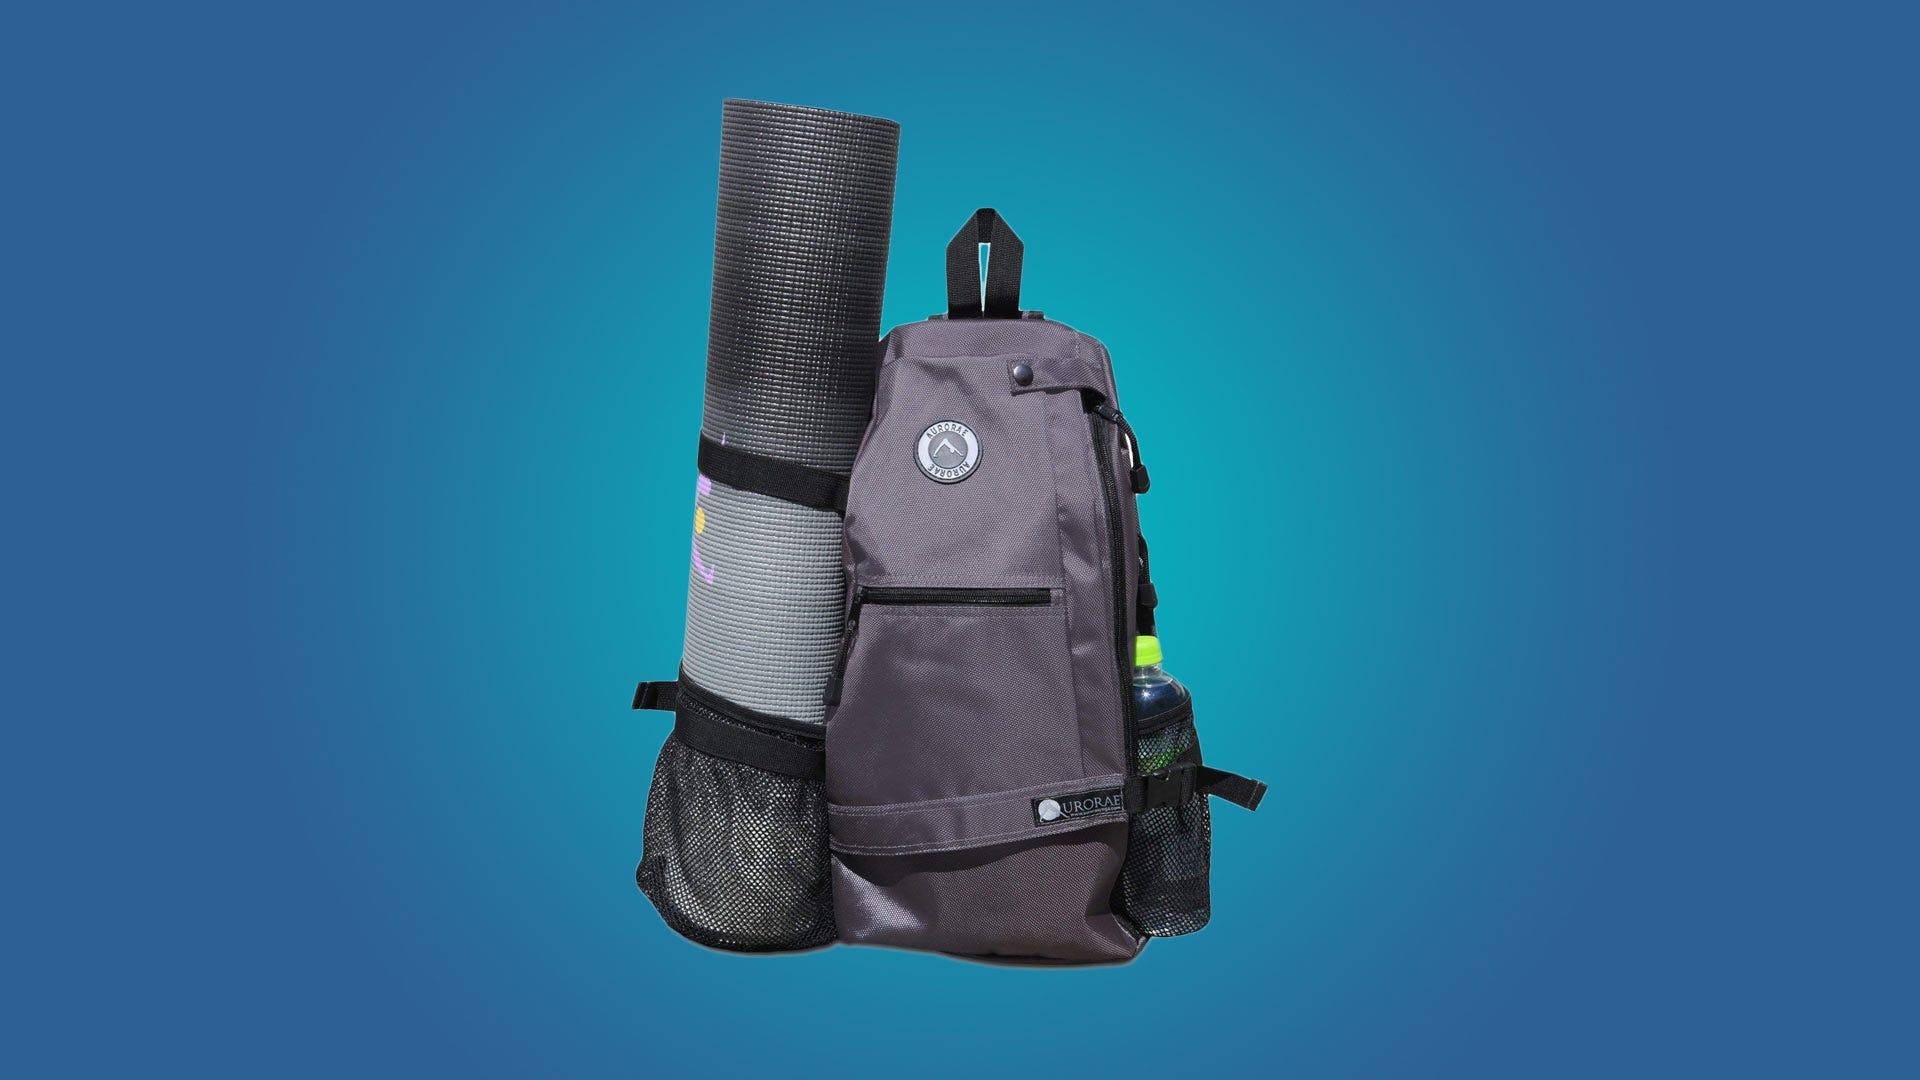 The Best Yoga Mat Bags For Your Mat dd23b1b9fd84b